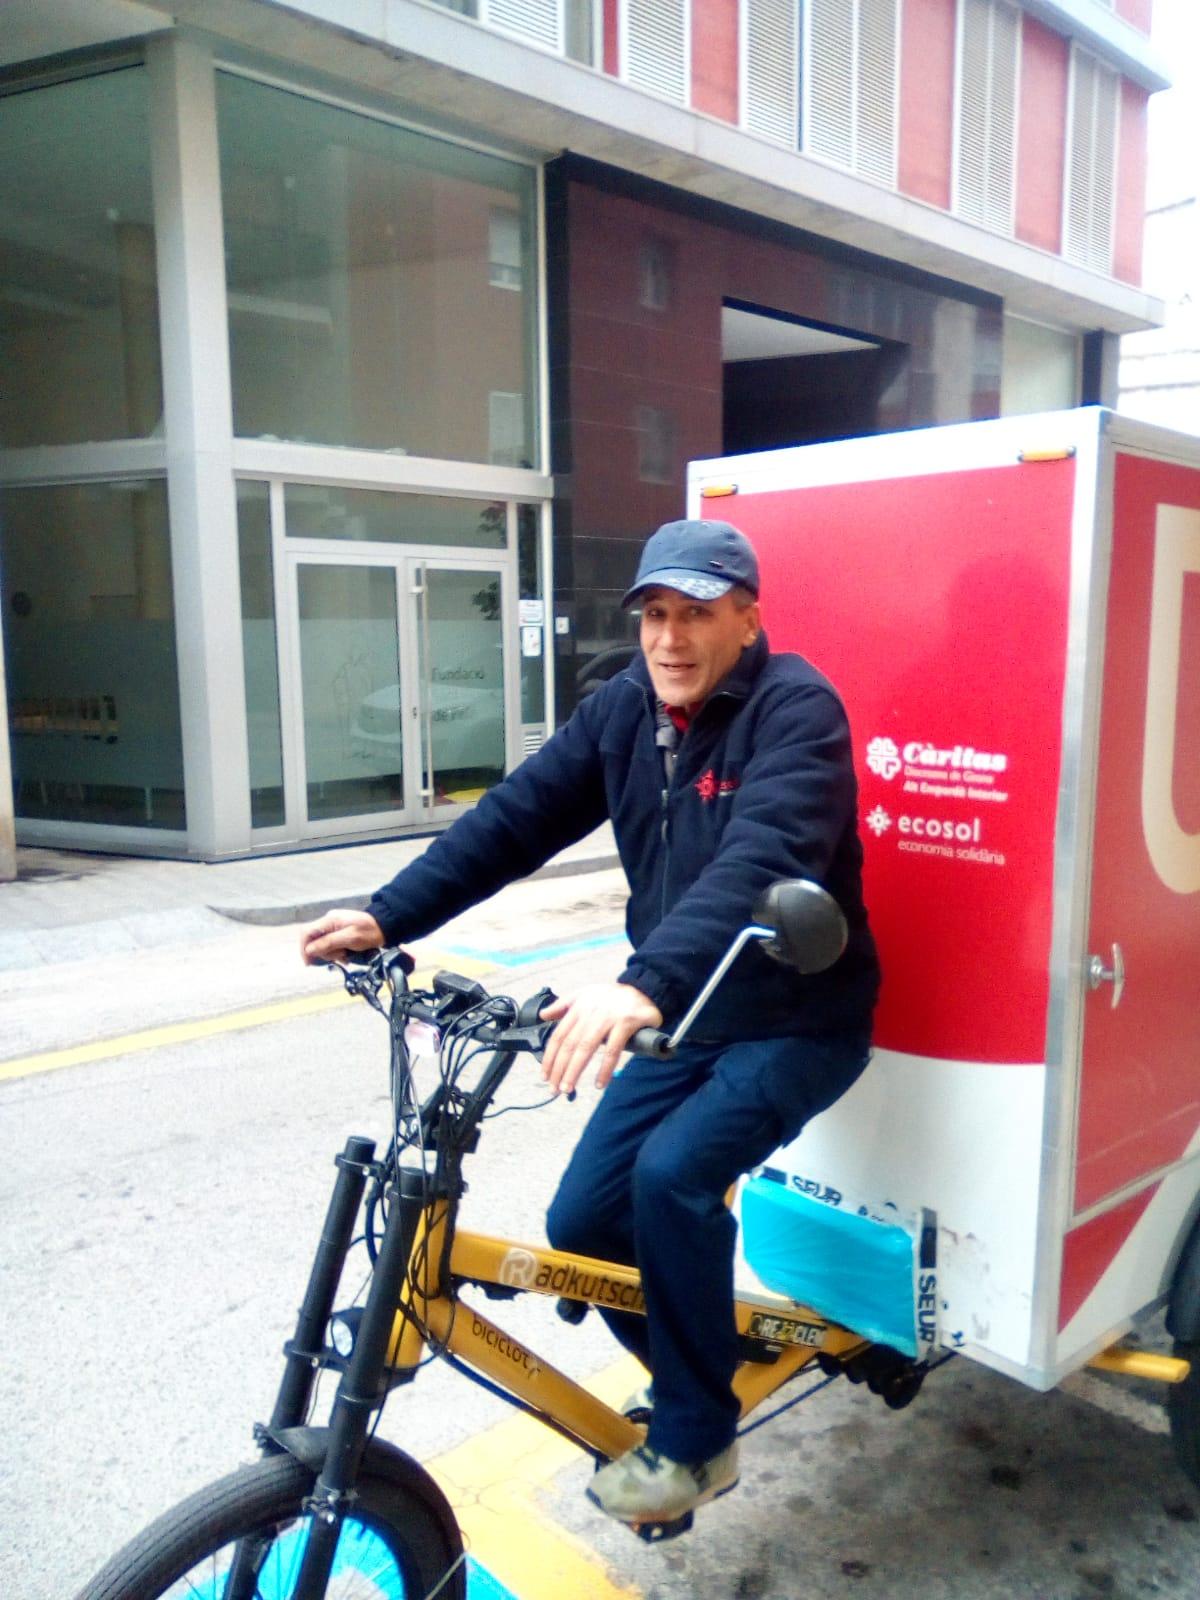 Ecosol insereix 10 persones per als seus programes de mobilitat sostenible